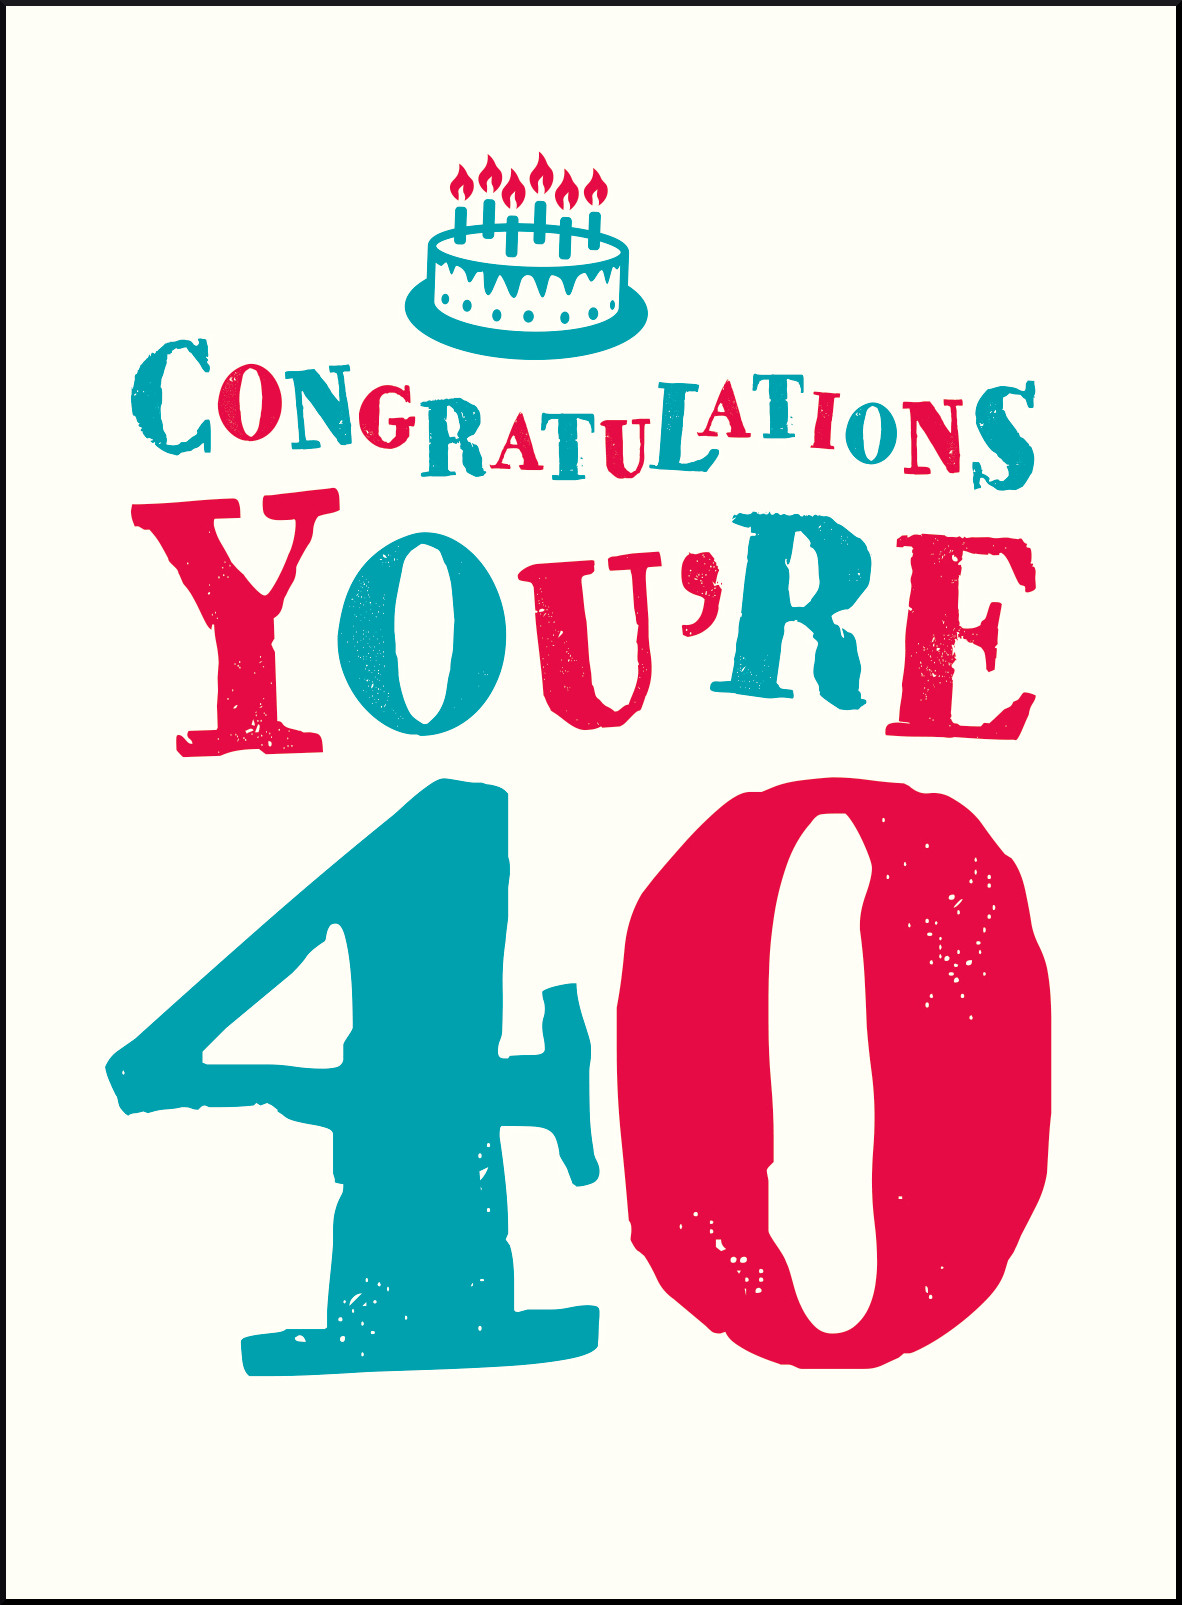 You Re So Pretty: Congratulations You're 40